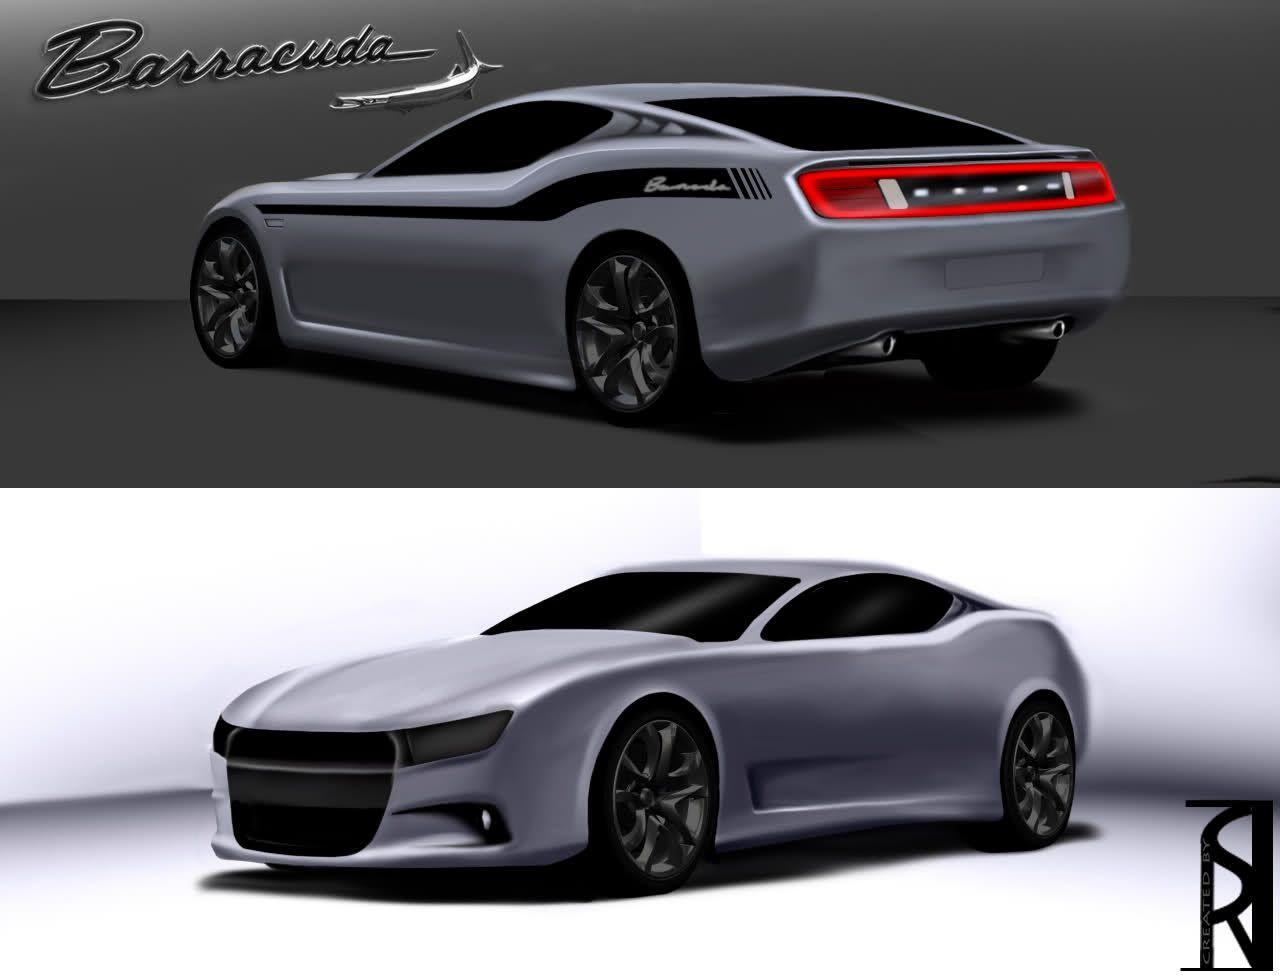 2015 Dodge Barracuda >> Dodge Barracuda 2015 Sketch Pic Dream Cars Futuristic